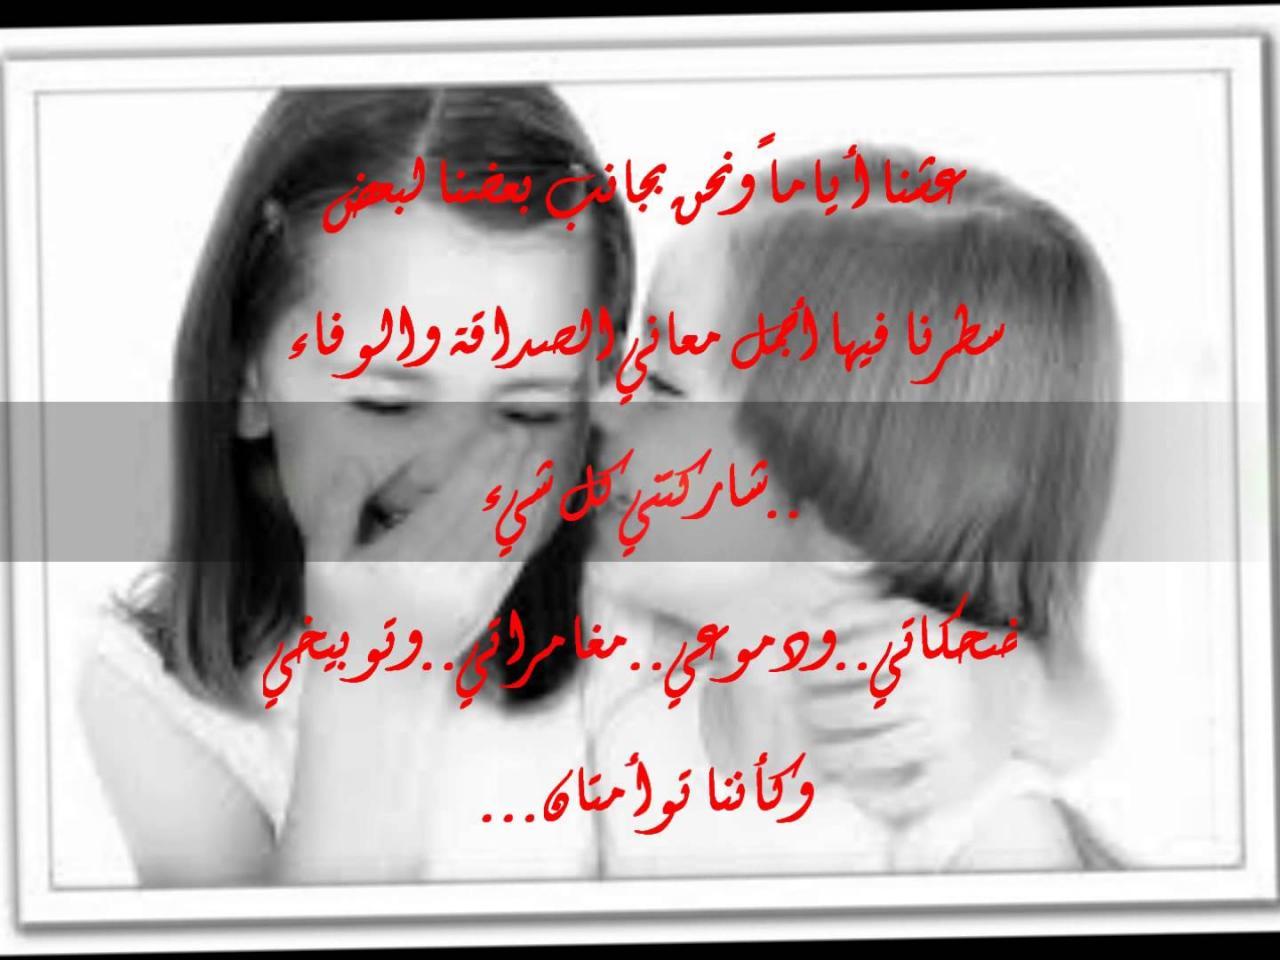 صورة كلمات اناشيد جميله عن الصداقه ,نشيد عن الصداقة 107 2